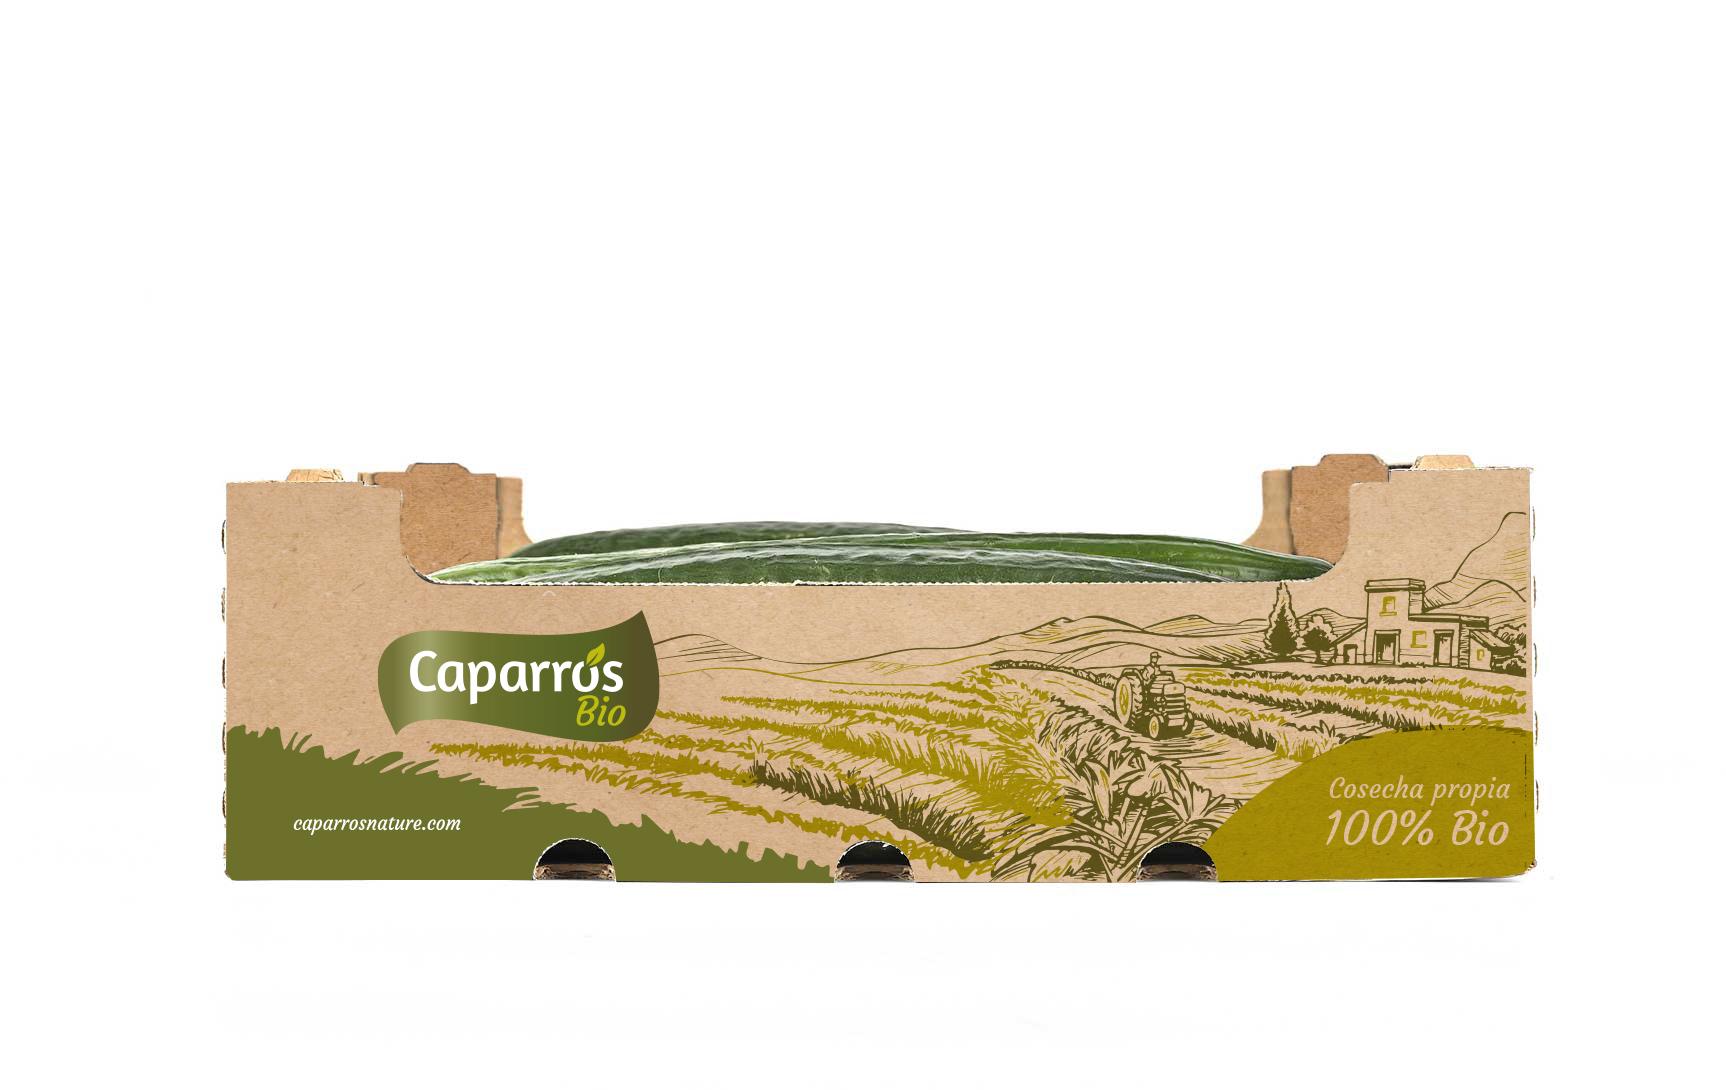 Packaging pepino bio- Caparrós